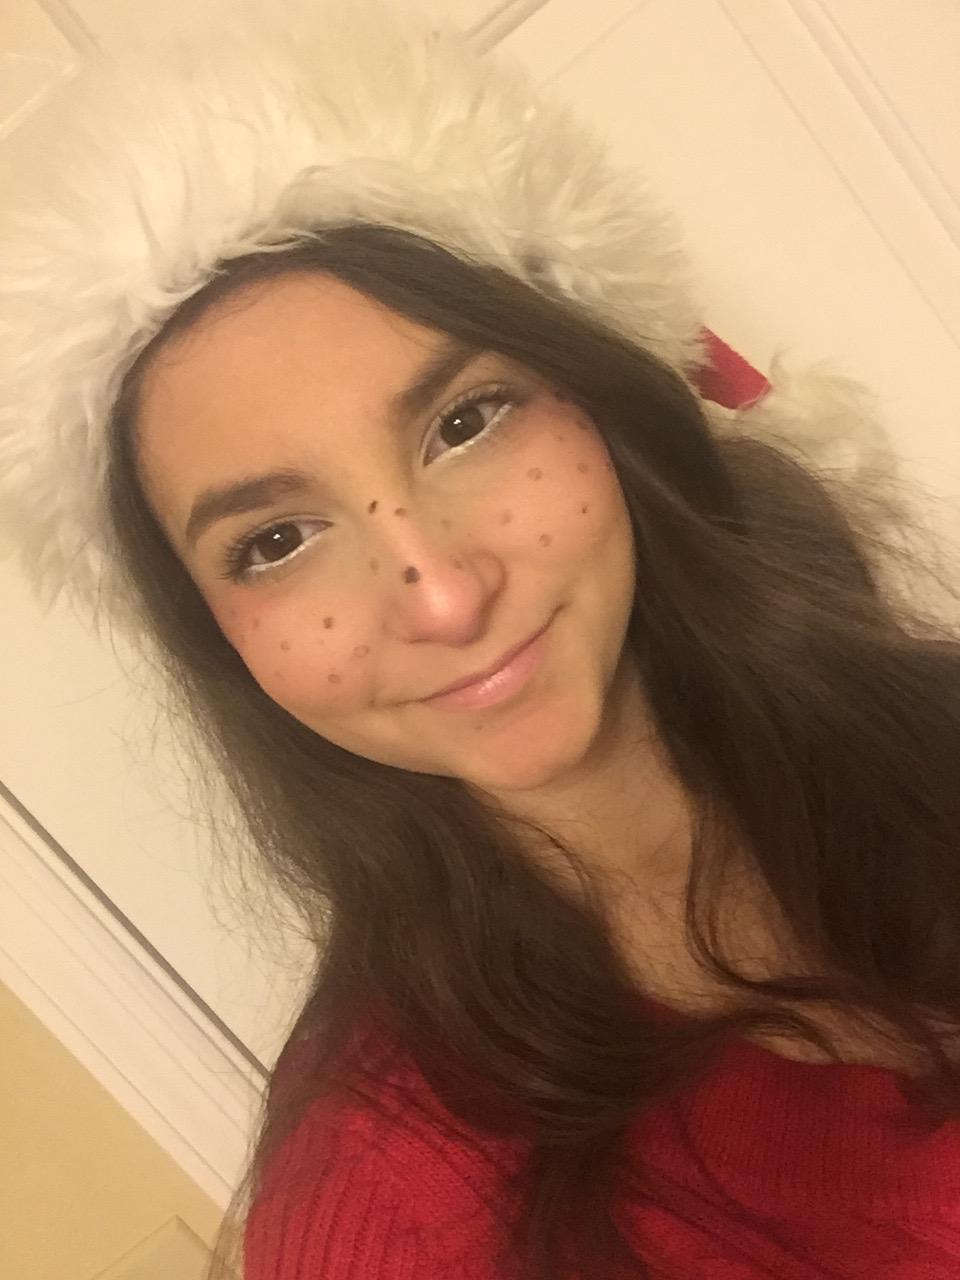 christmas elf makeup tutorial - Christmas Elf Makeup